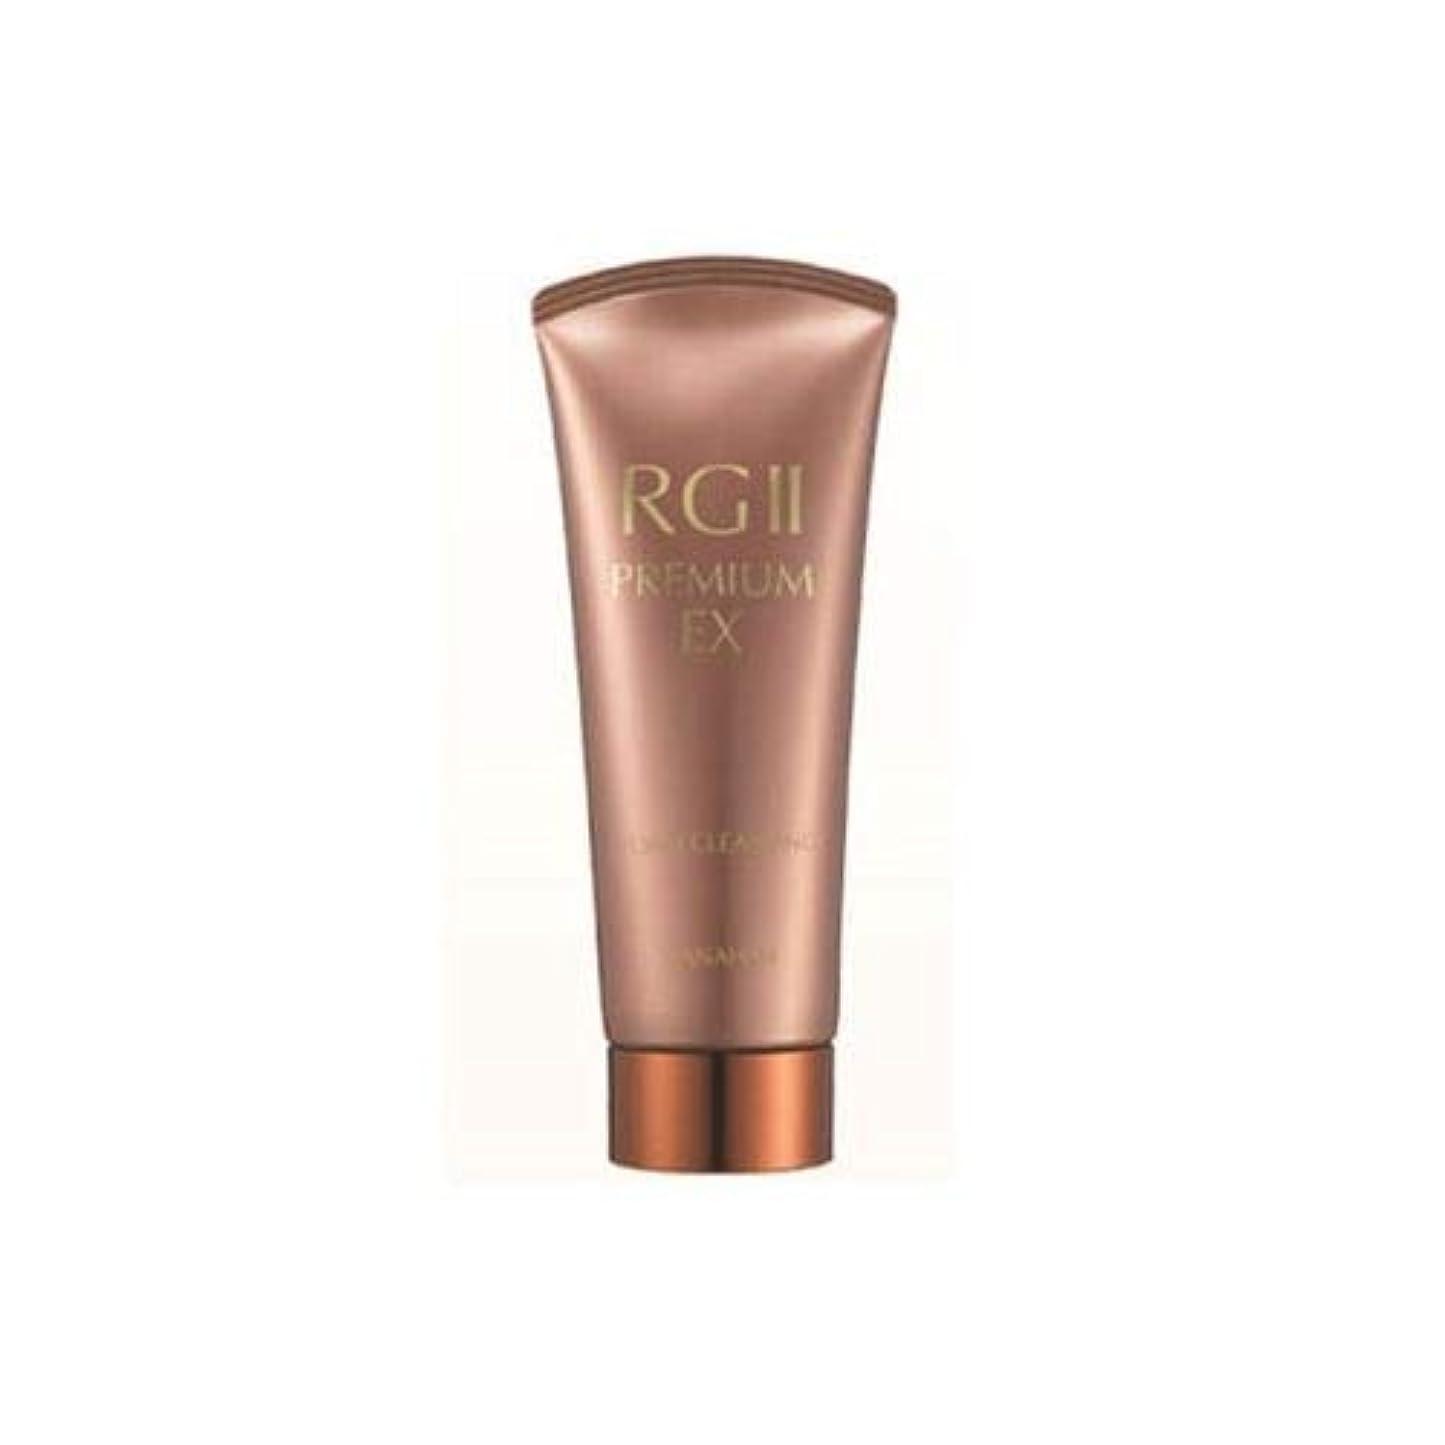 広々とした再編成するギャザーDanahan RGll Premium EX Foam Cleansing 多娜嫺 (ダナハン) RGll プレミアム EX フォームクレンジング 200ml [並行輸入品]